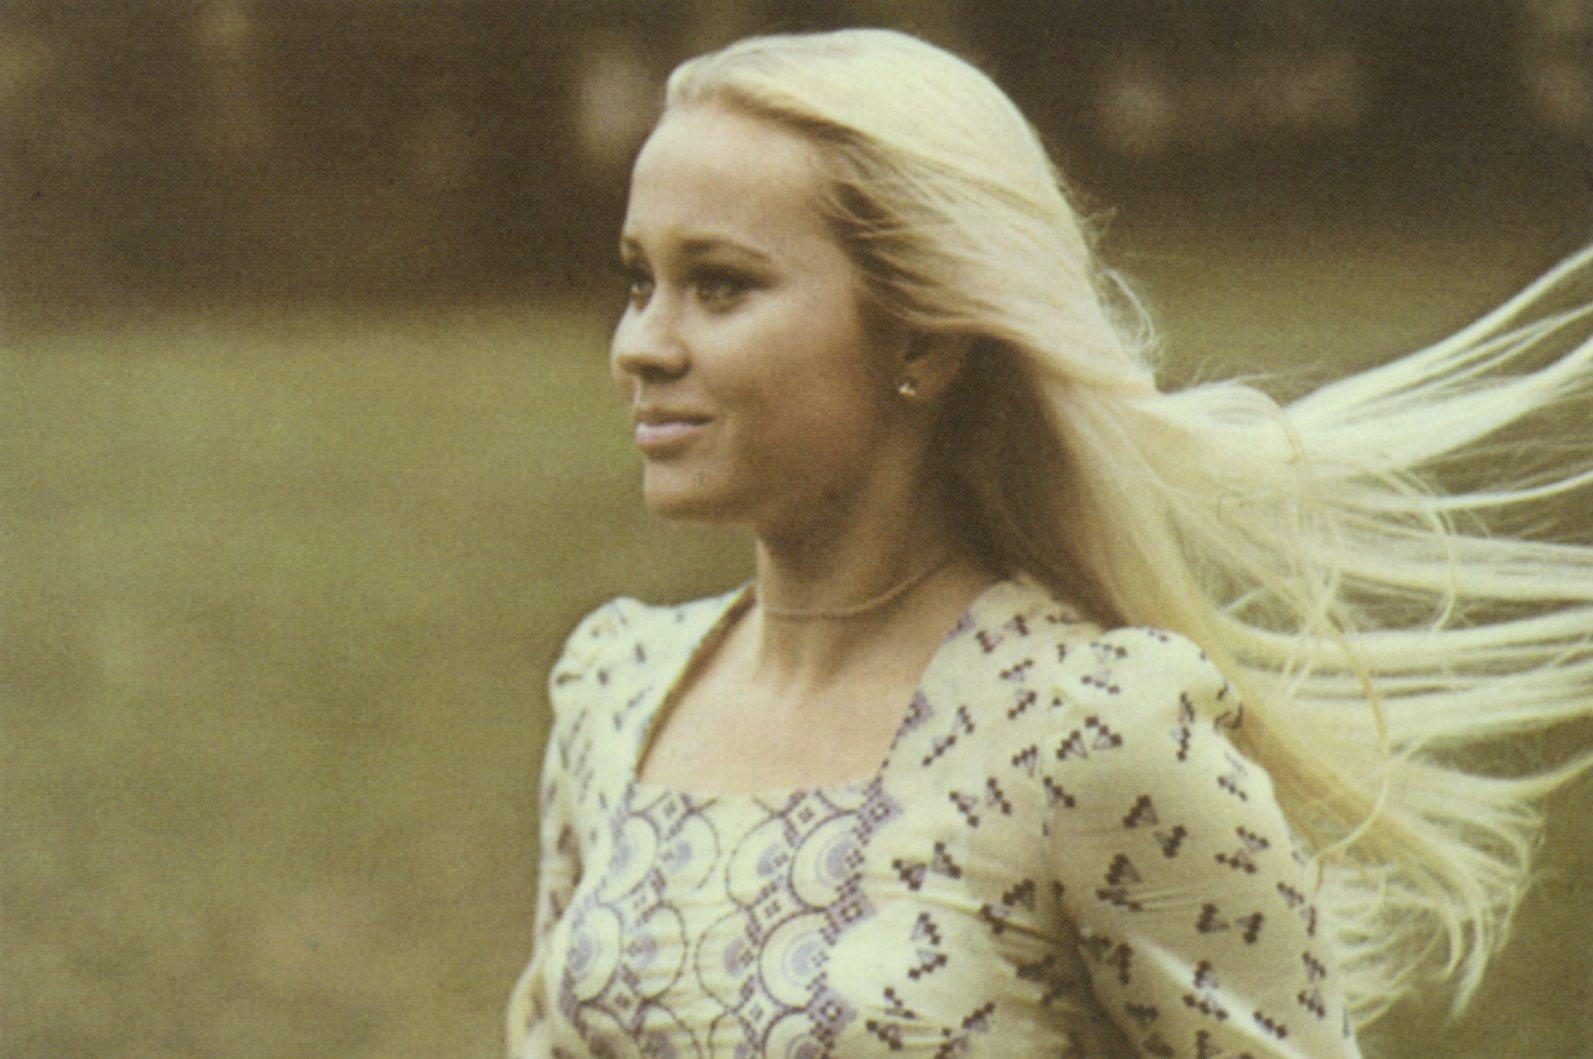 Агнета фельтског фото ее детей